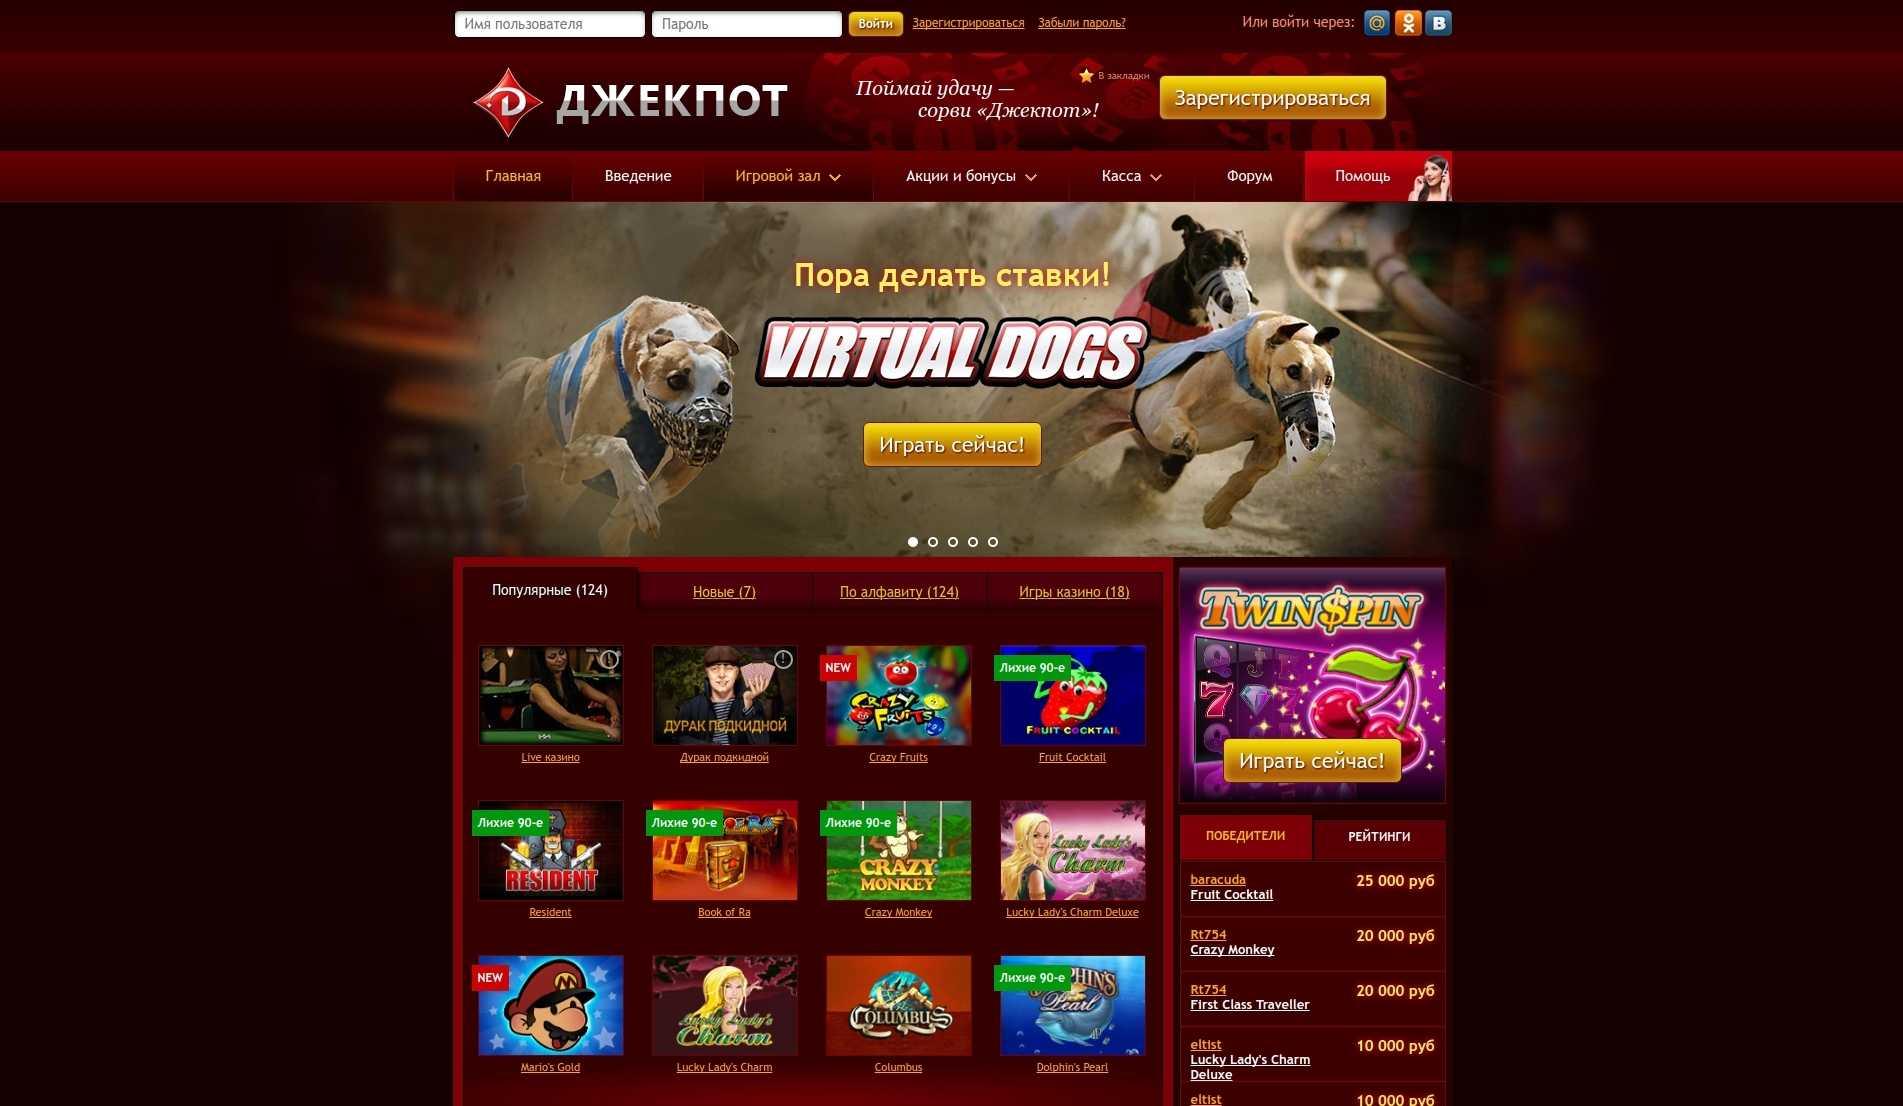 Джекпот игровые автоматы в онлайн казино netgame casino